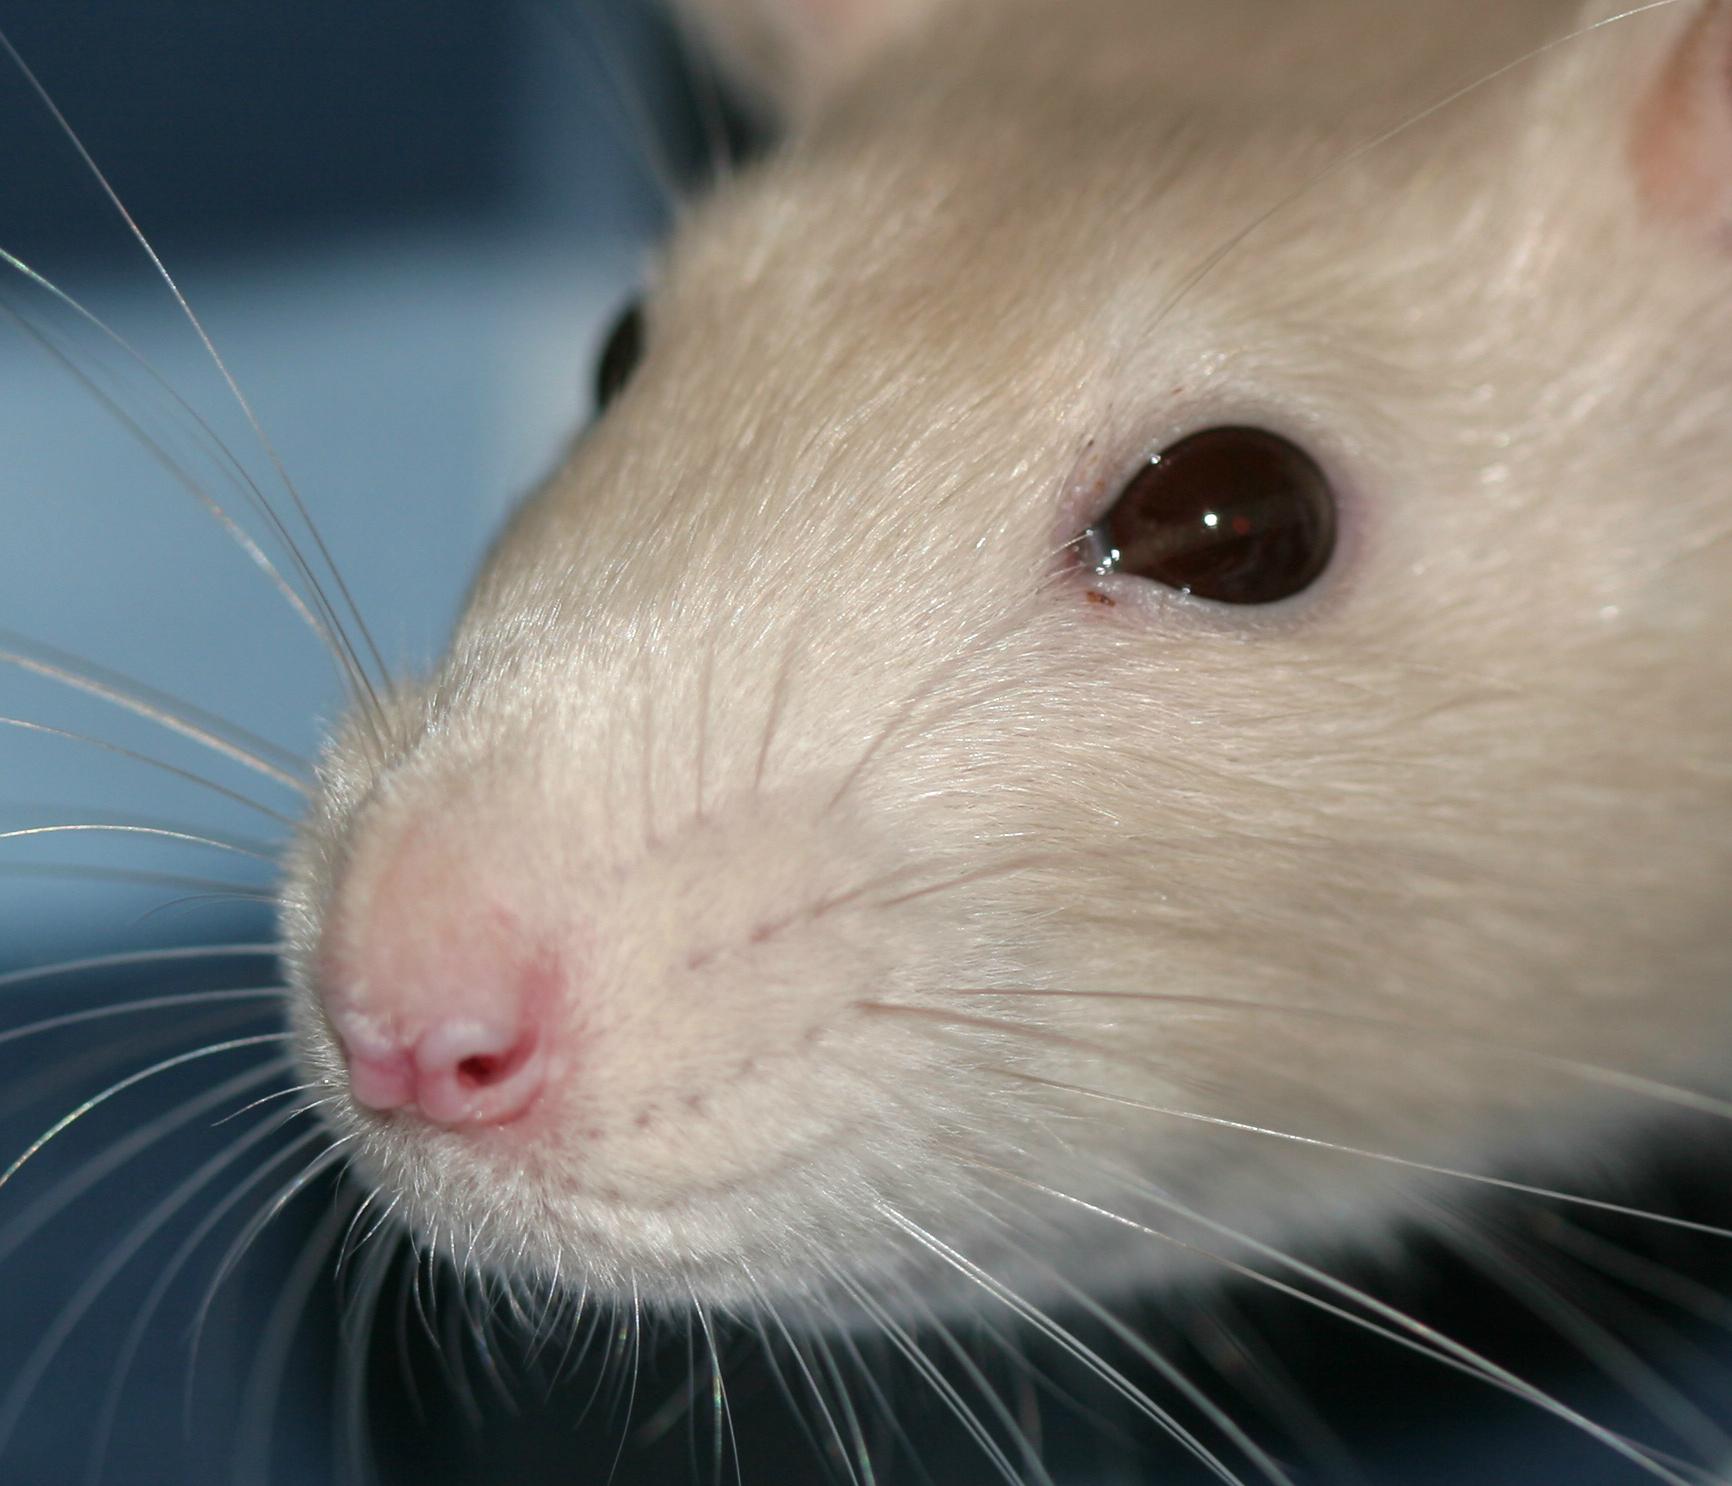 которые цвет глаз рубин у крыс фото домашних